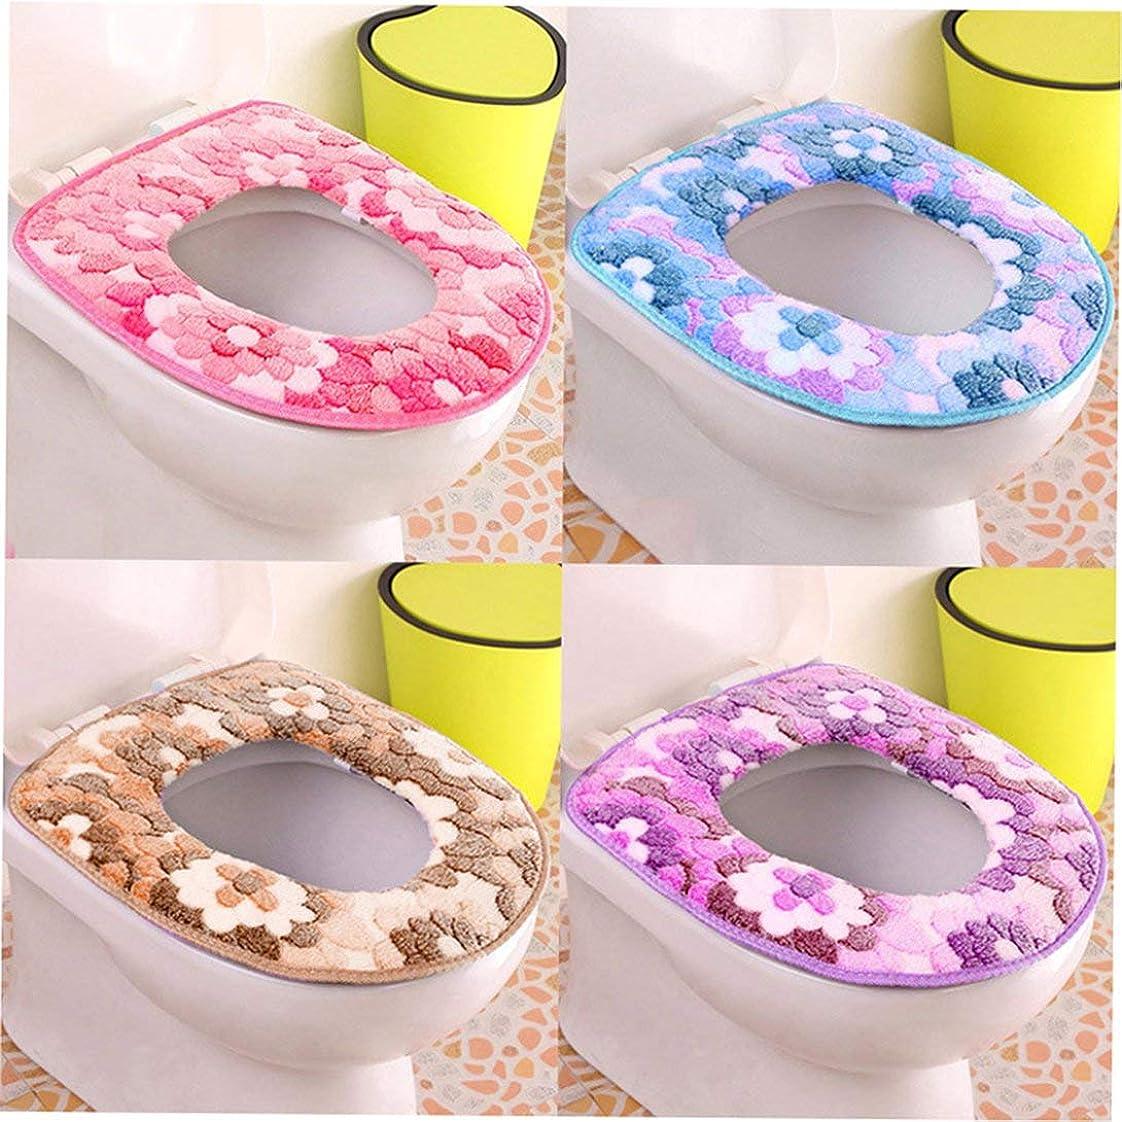 豊富なコスチューム不承認Swiftgood 浴室柔らかく厚い暖かい便座カバーパッド伸縮性洗える布トイレ便座クッション